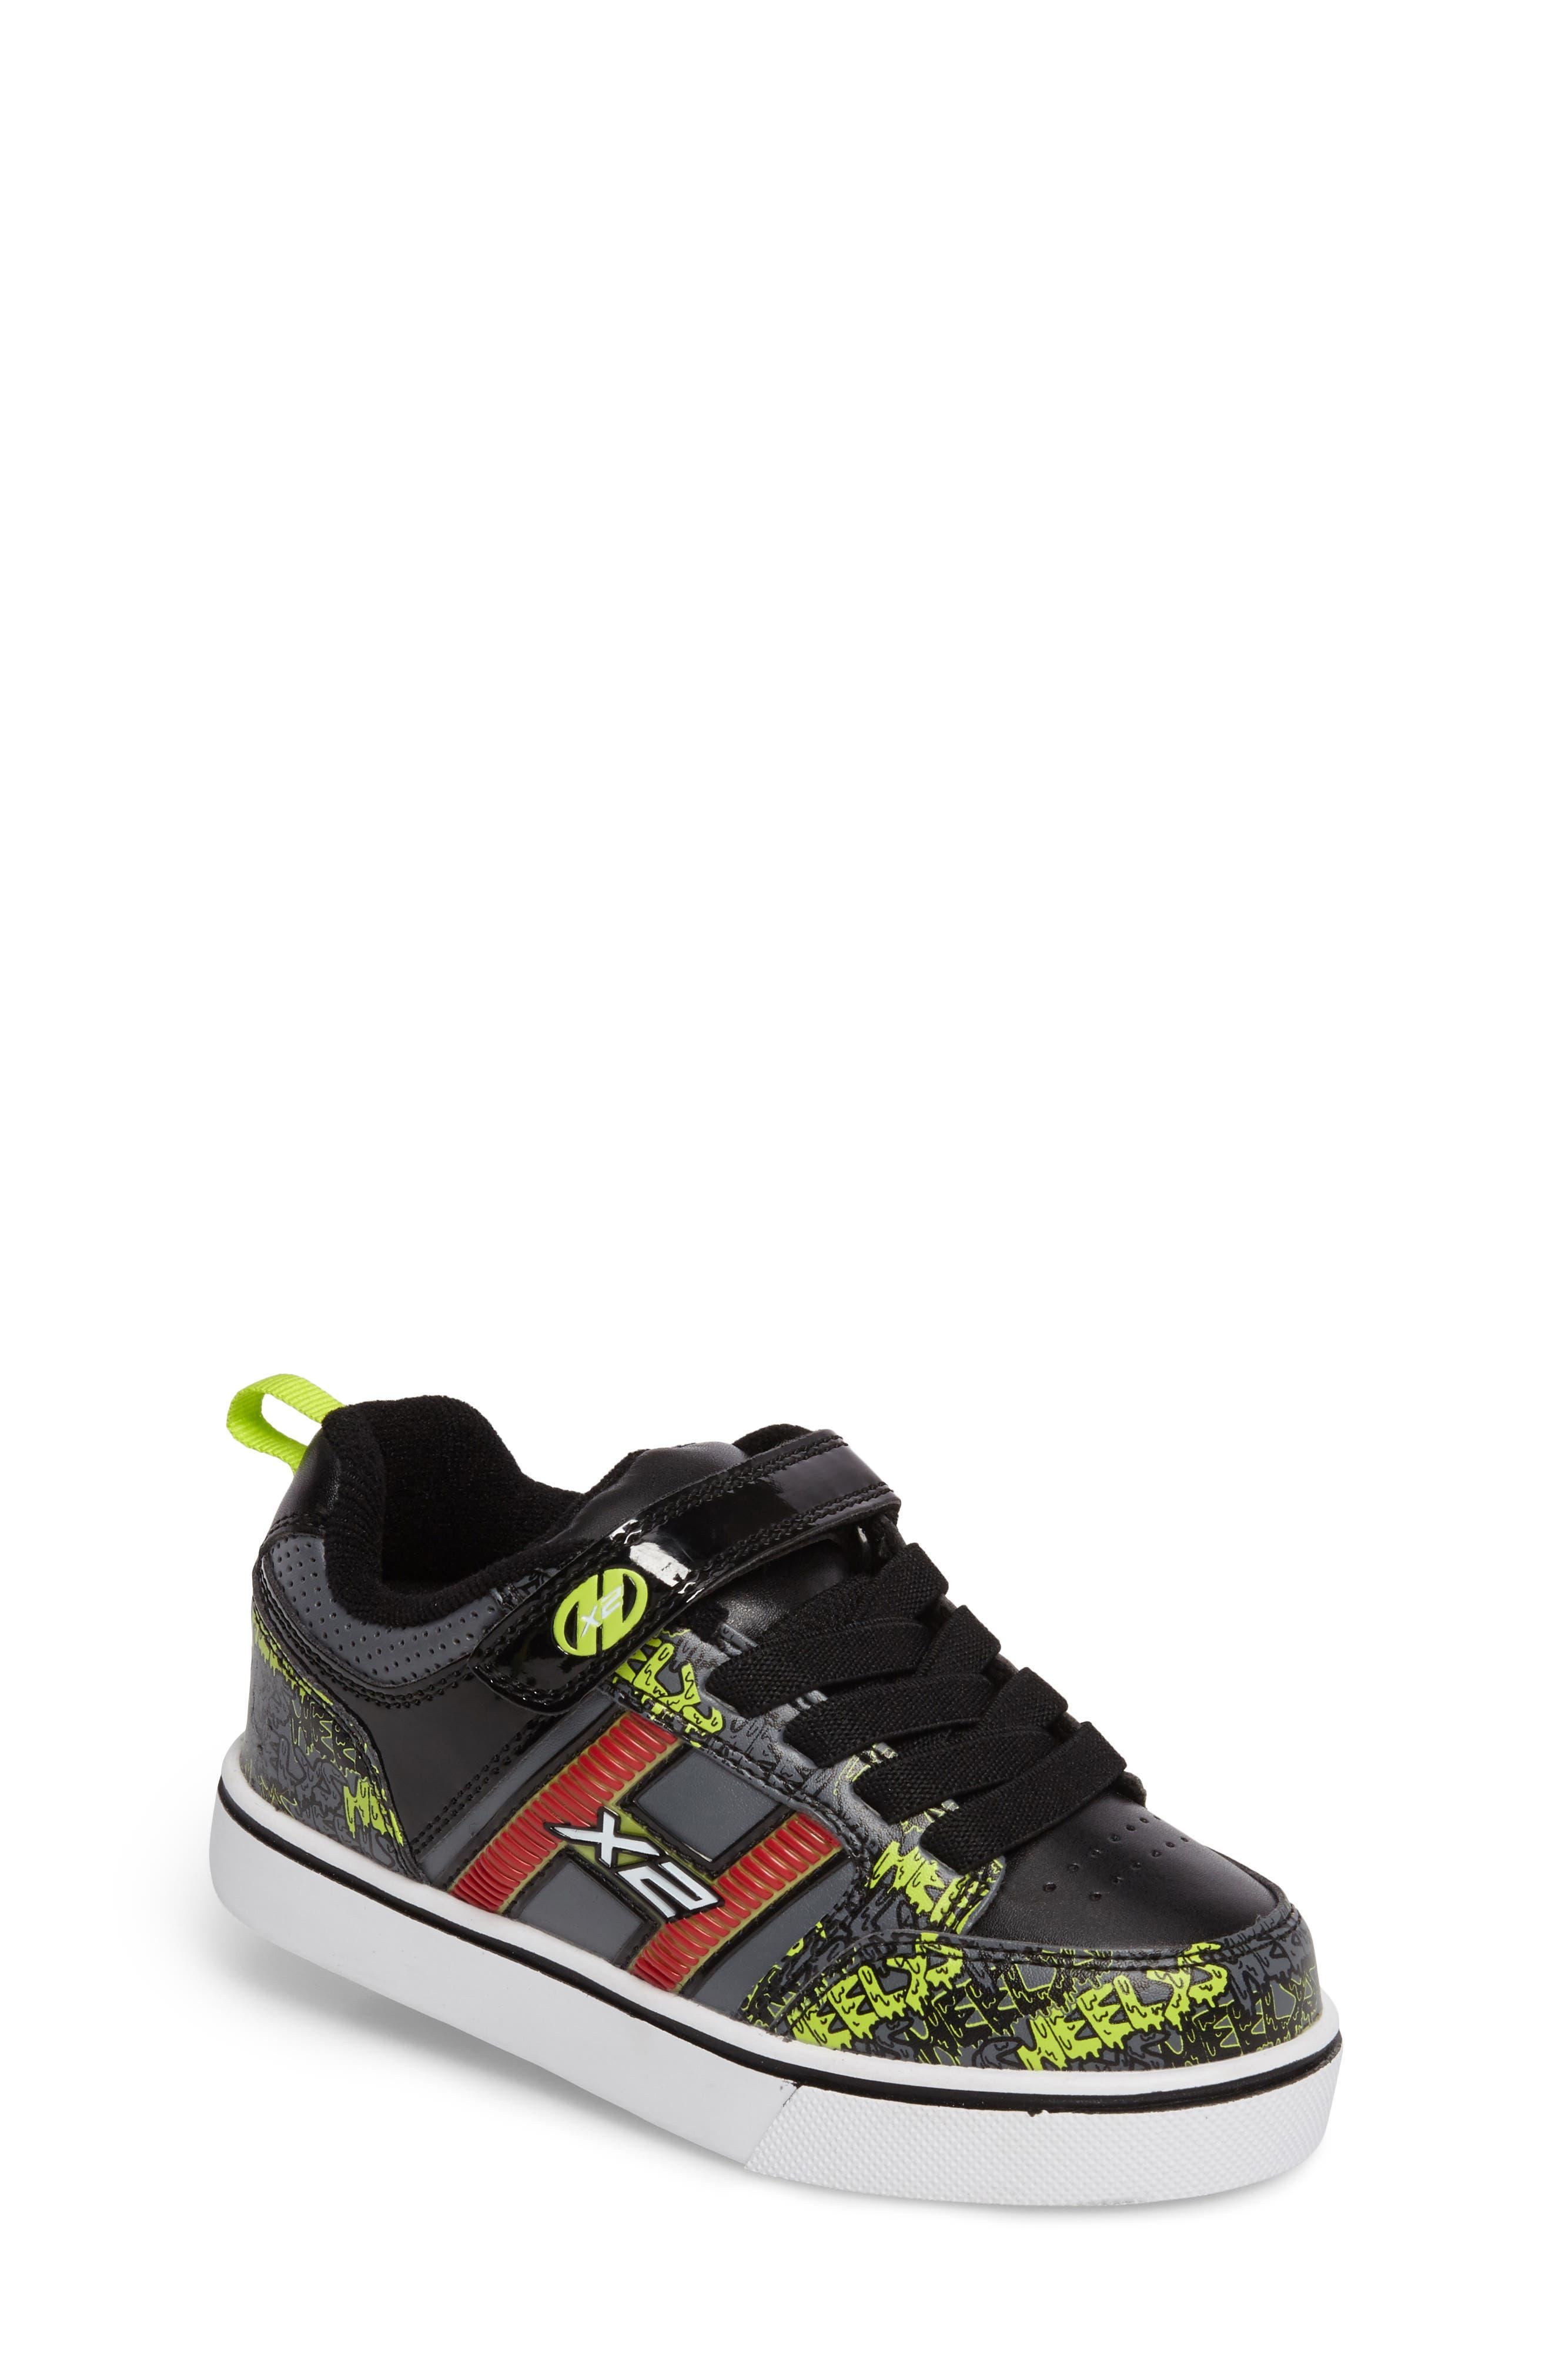 Alternate Image 1 Selected - Heelys Bolt Light-Up Skate Shoe (Toddler & Little Kid)